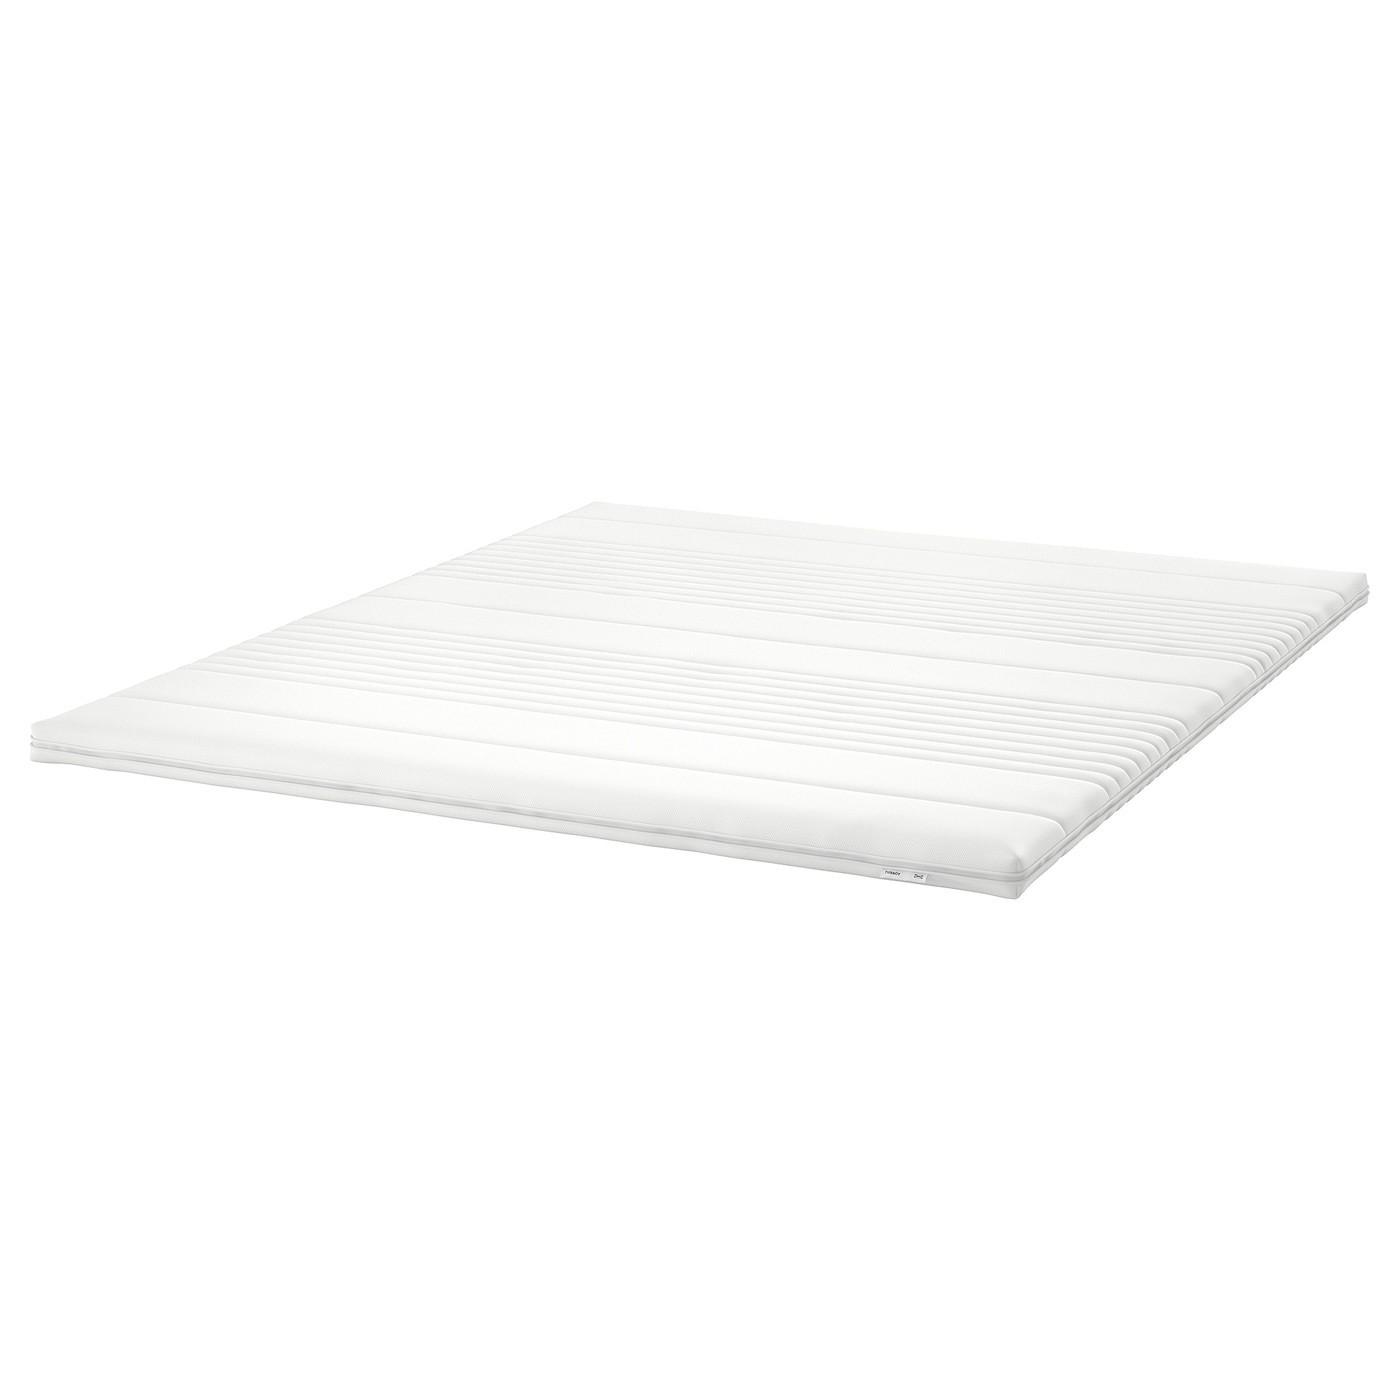 IKEA TUSSÖY тонкий матрас белый 180 см 50298135